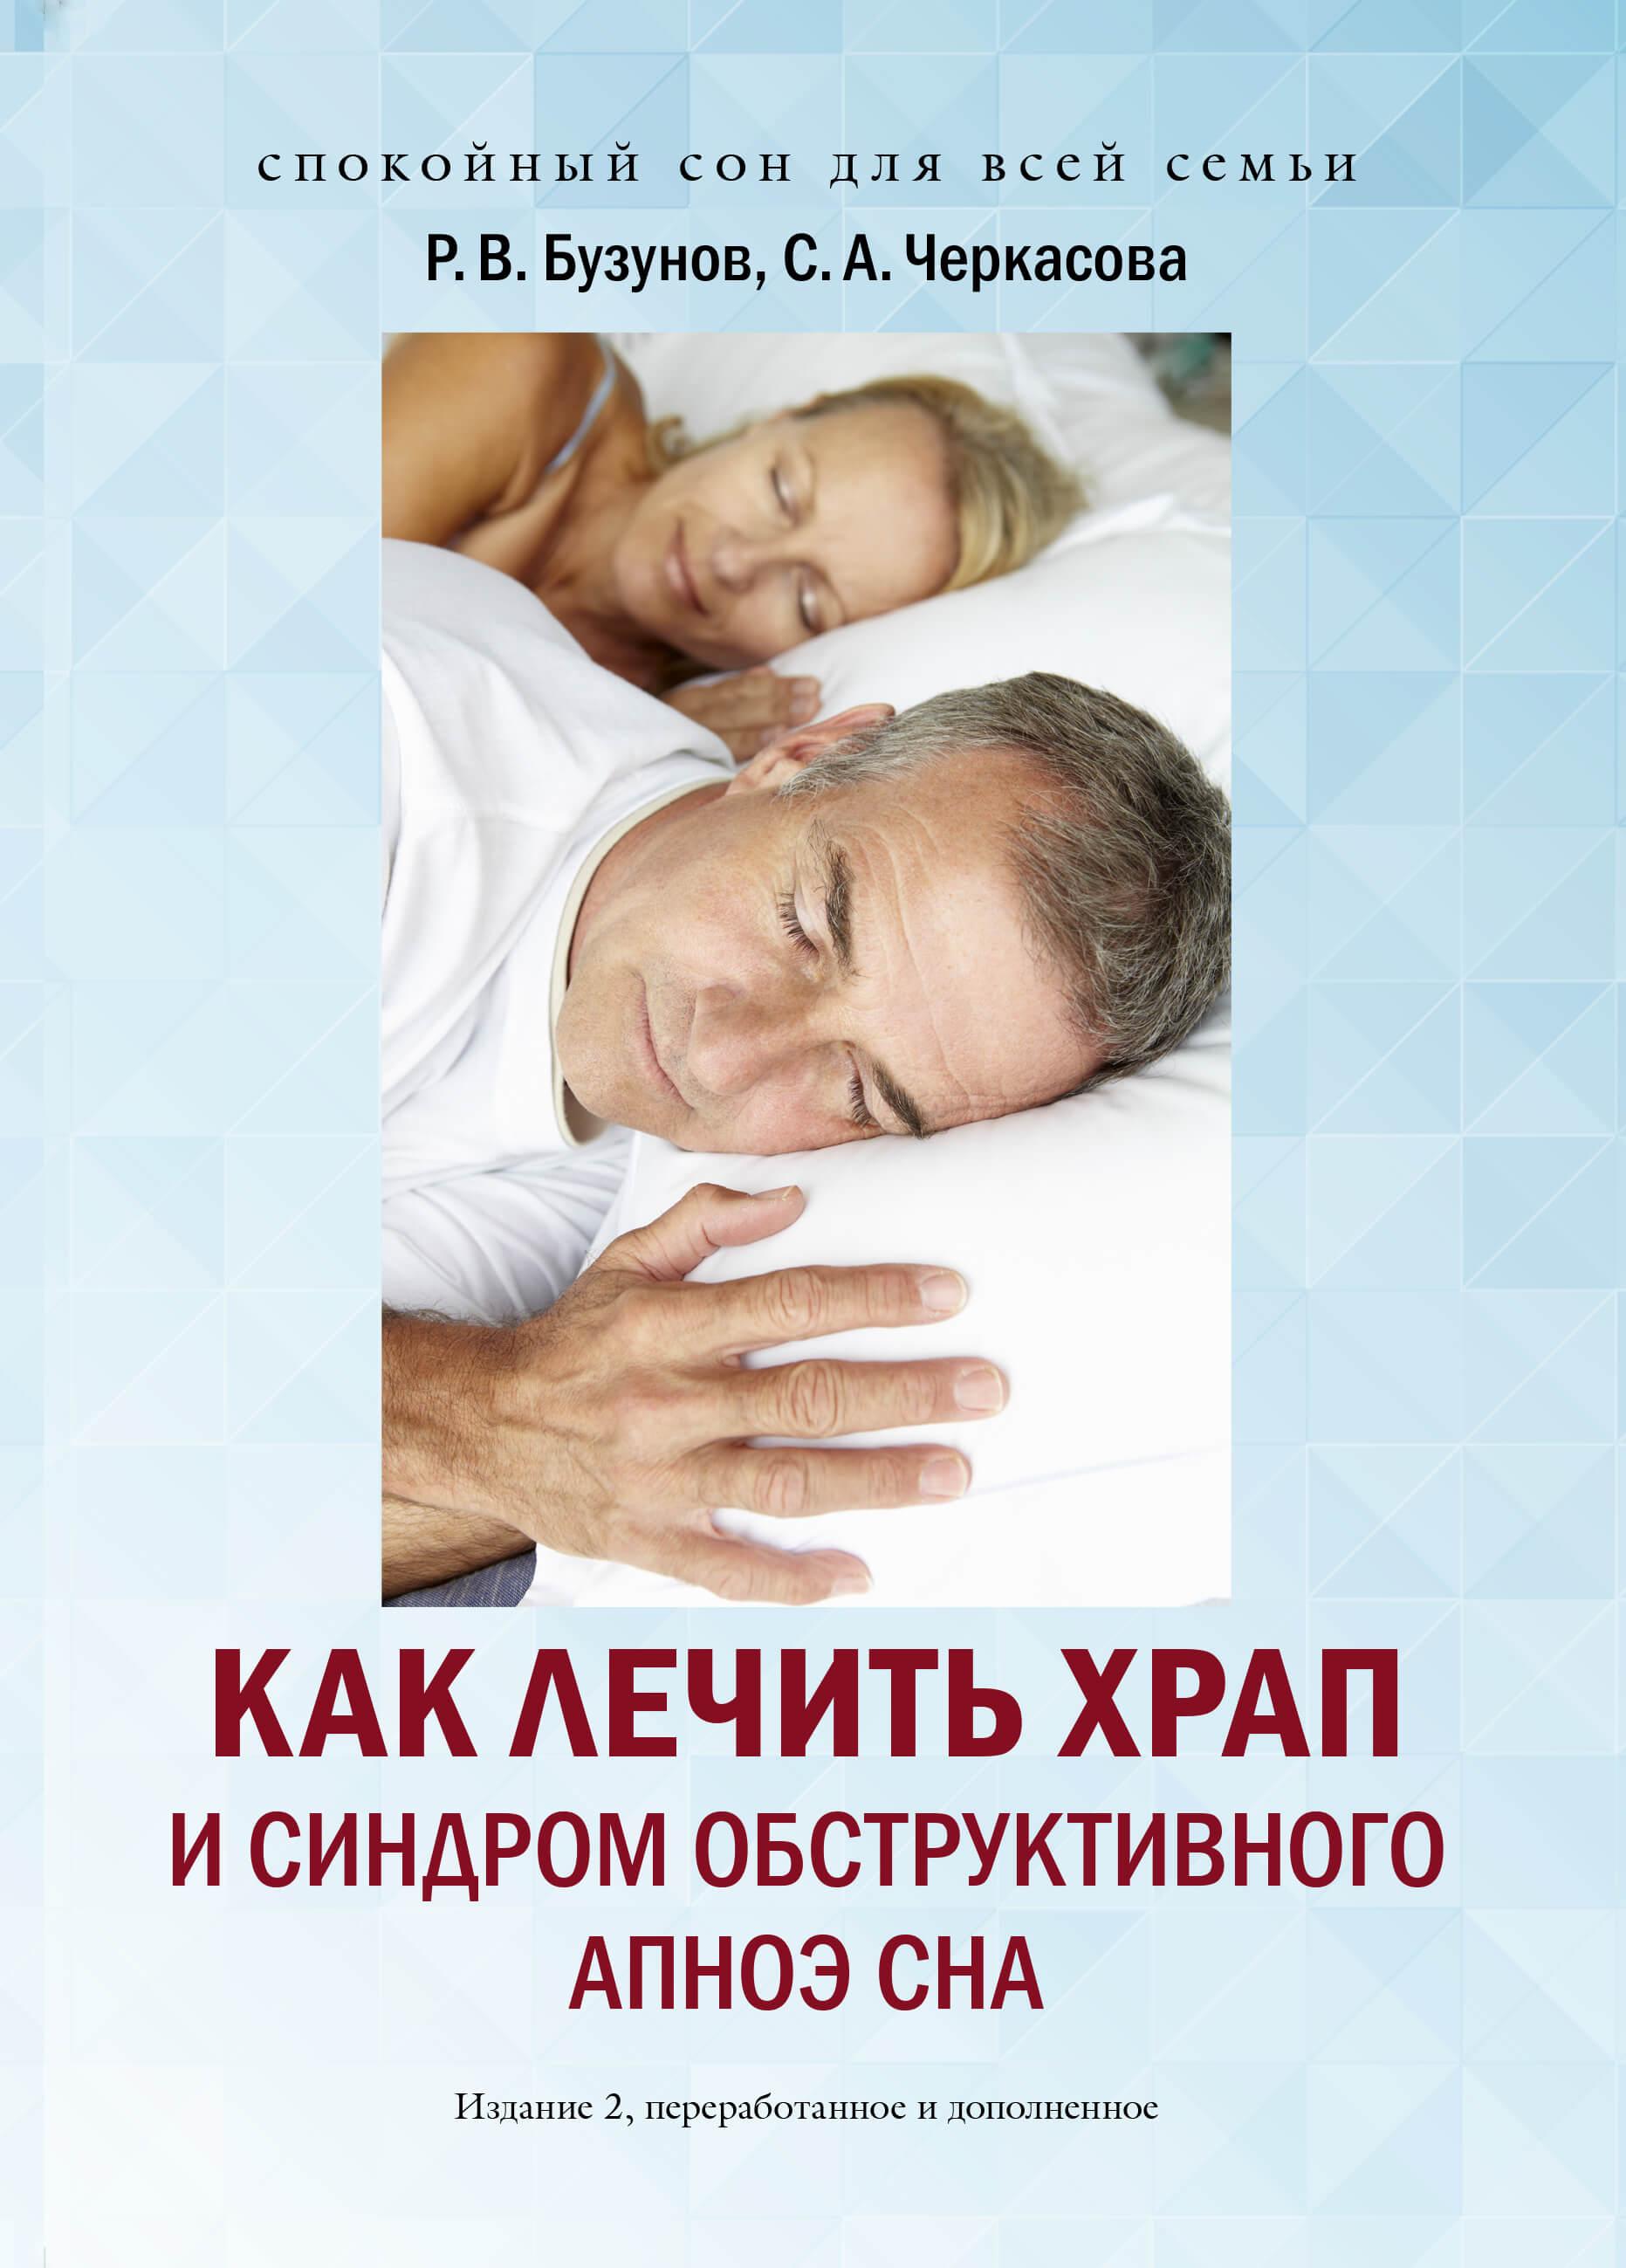 Как лечить храп и обструктивное апноэ сна